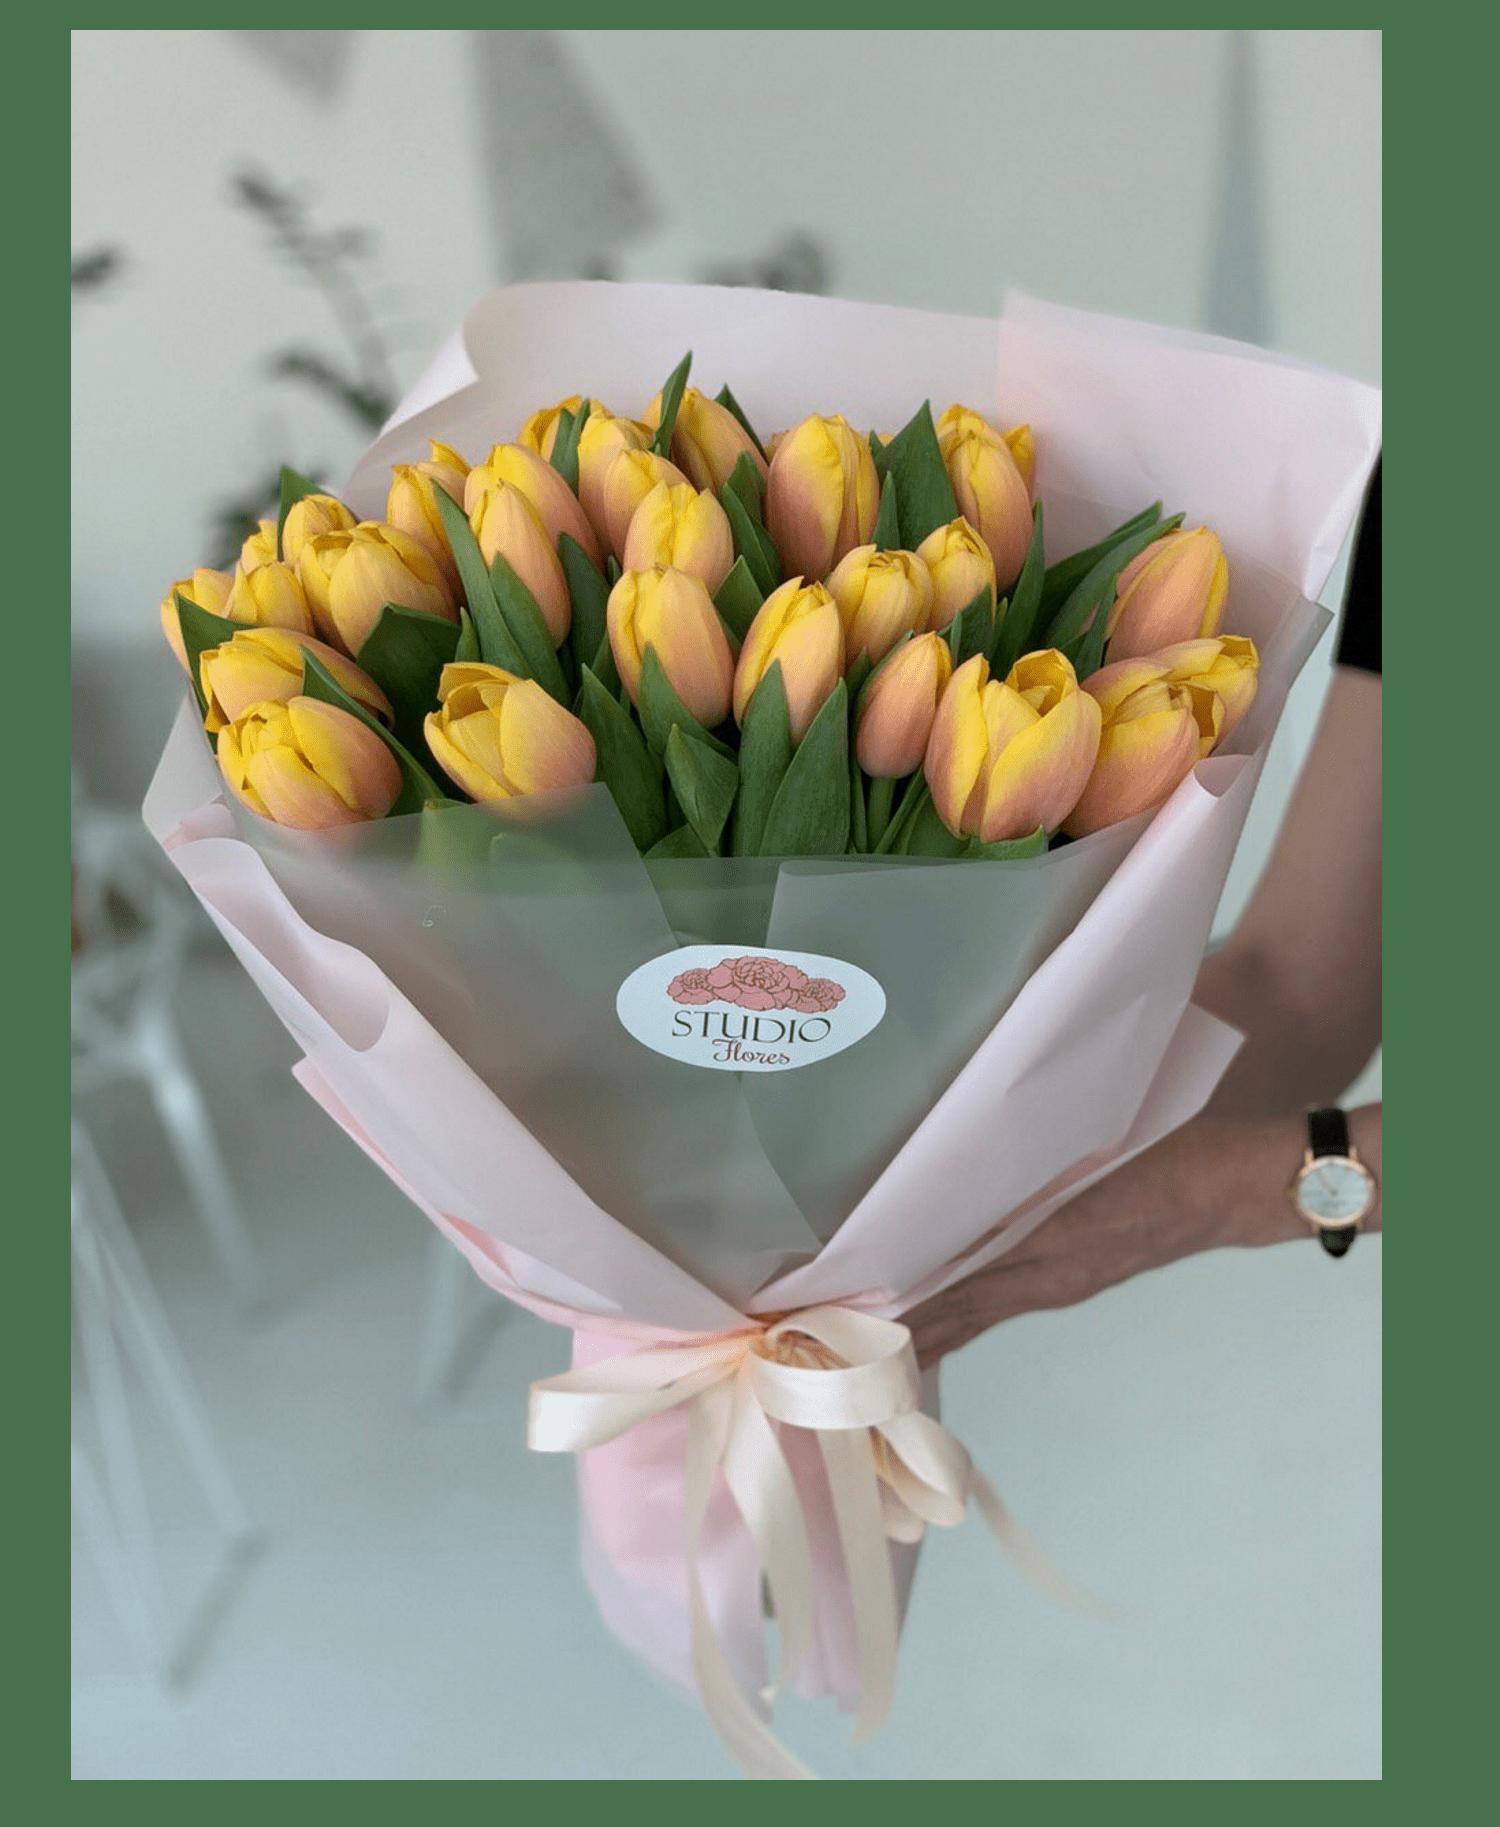 b6ddeeddf9a341 Купити букет тюльпанів - замовлення, доставка тюльпанів по Києву, кращі  ціни   магазин STUDIO Flores